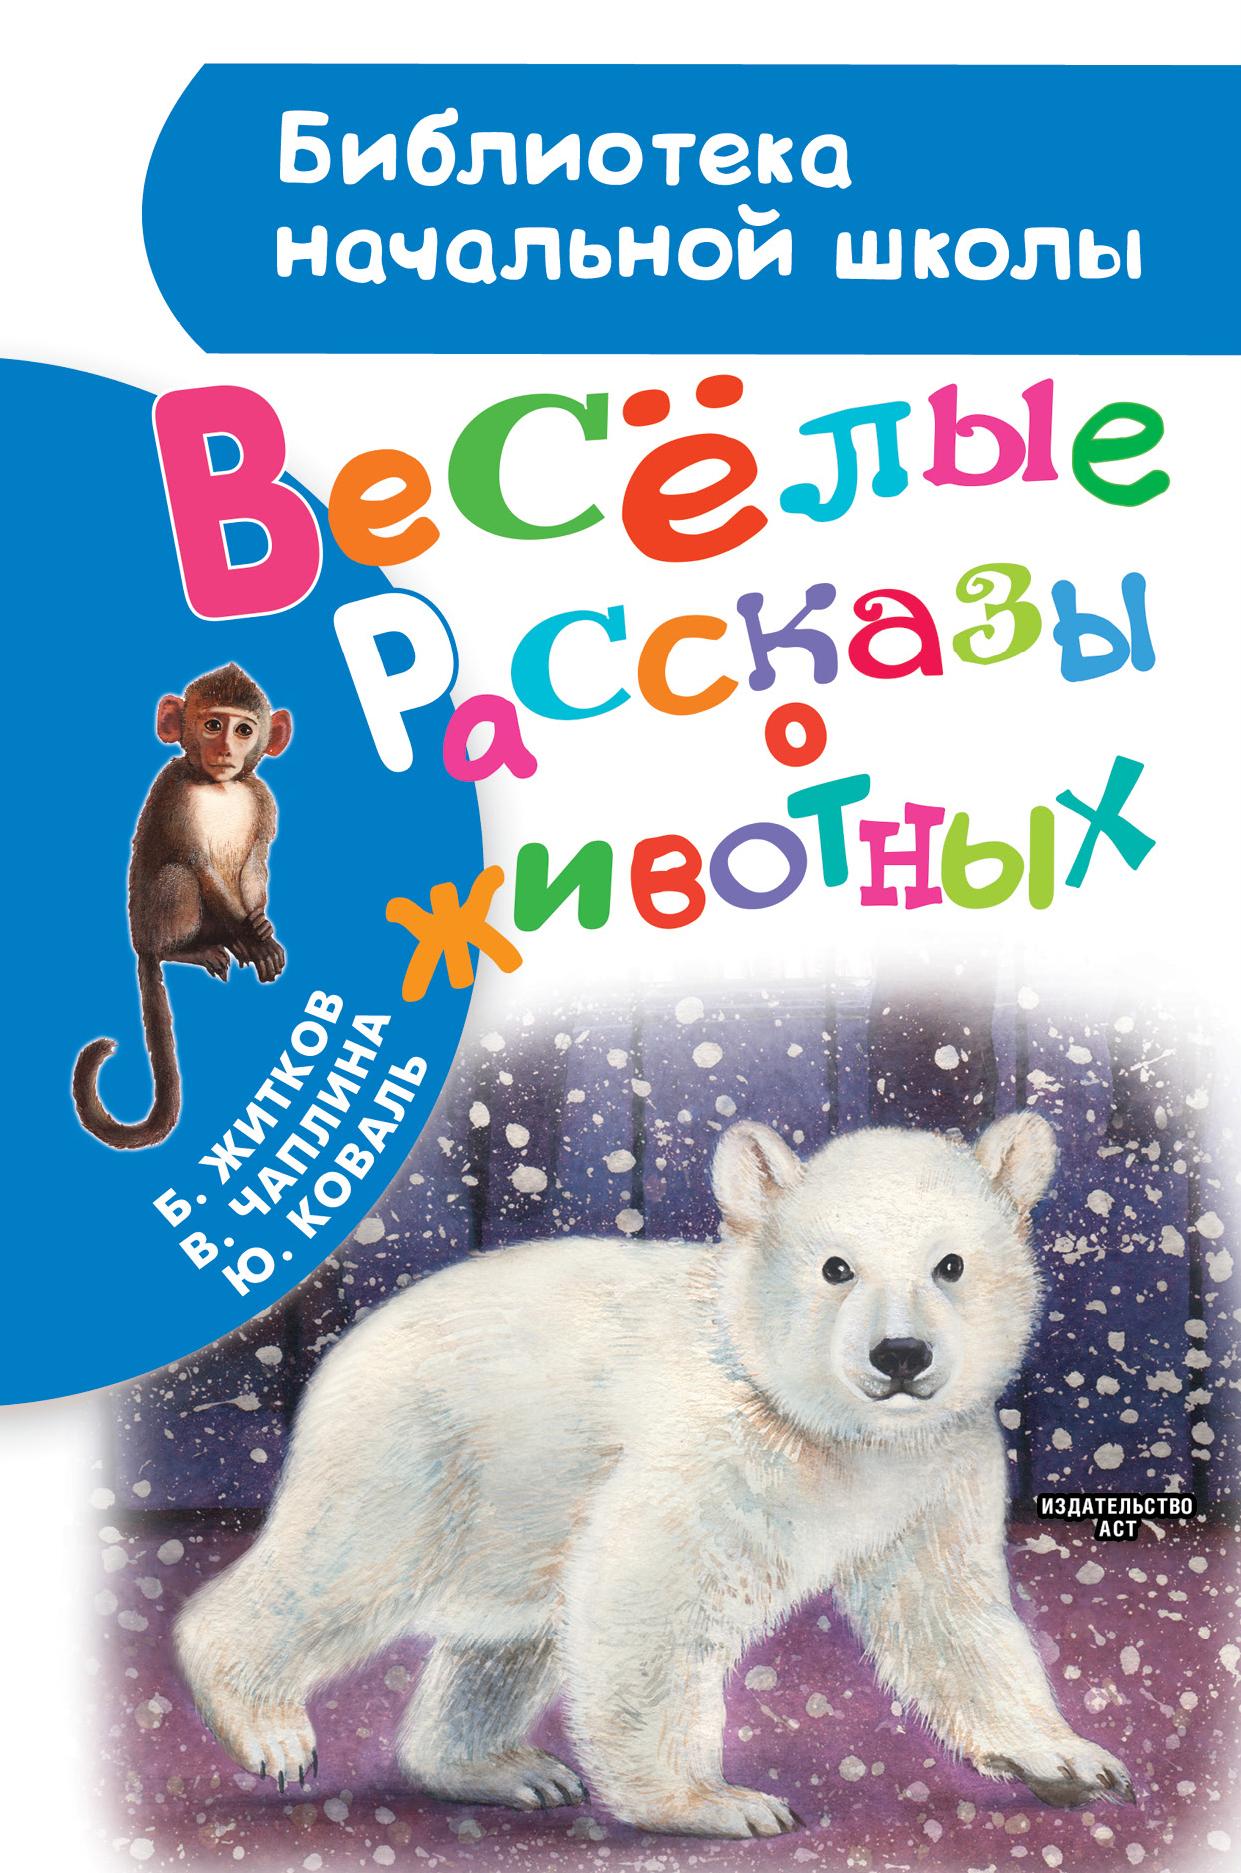 Весёлые рассказы о животных ( Житков Б.С., Коваль Ю.И., Чаплина В.В.  )